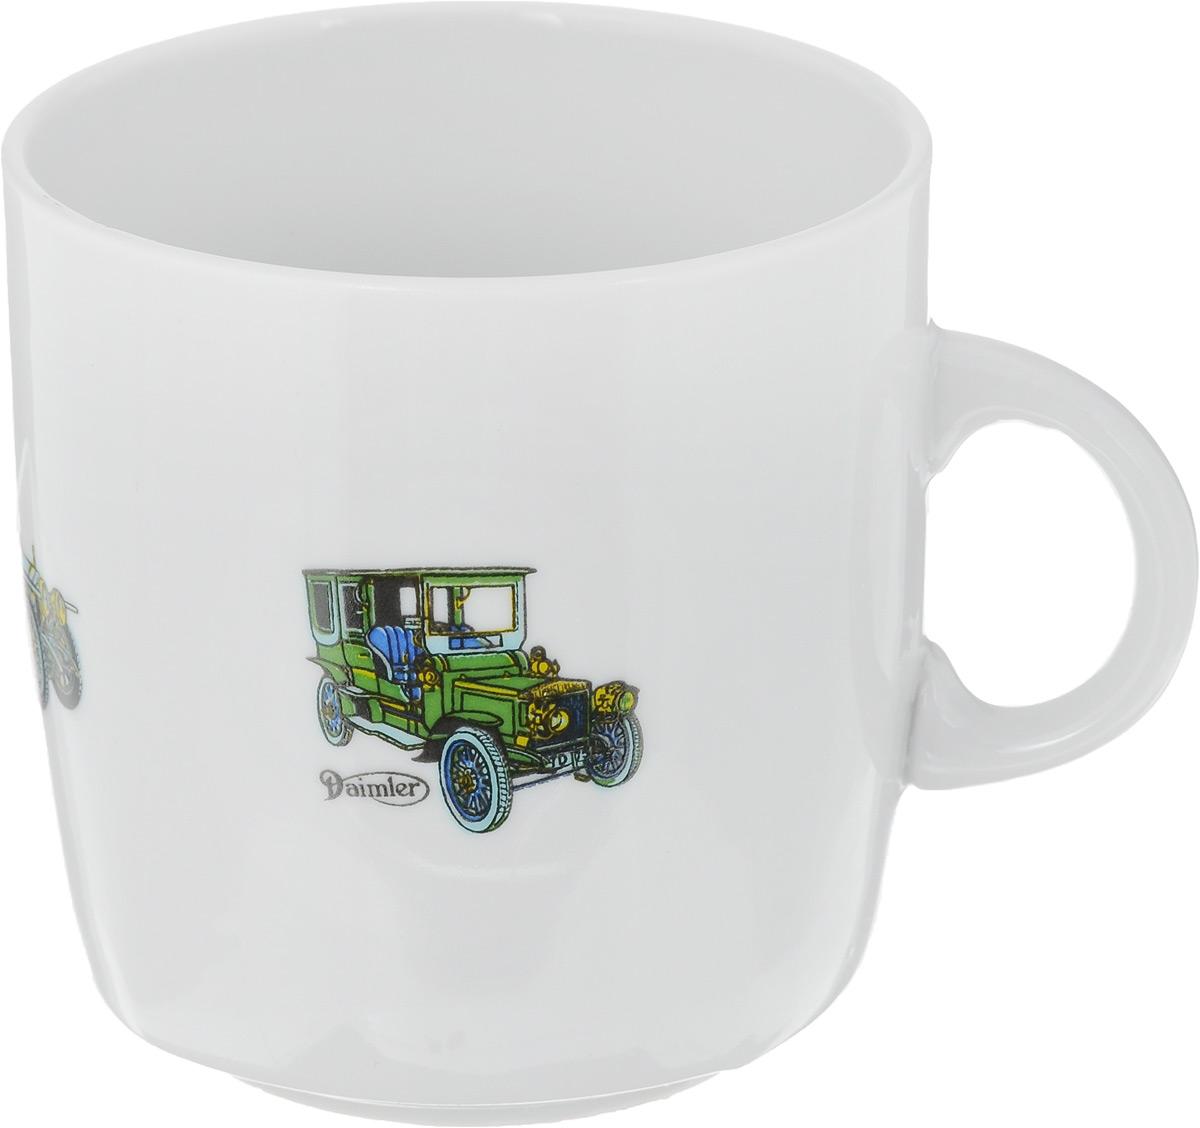 Кружка Фарфор Вербилок Маленькие машинки, цвет: белый, зеленый, синий, 210 мл8712720_белый, зеленый, синийКружка Фарфор Вербилок Маленькие машинки способна скрасить любое чаепитие. Изделие выполнено из высококачественного фарфора. Посуда из такого материала позволяет сохранить истинный вкус напитка, а также помогает ему дольше оставаться теплым. Диаметр кружки (по верхнему краю): 7 см. Высота кружки: 7,5 см.